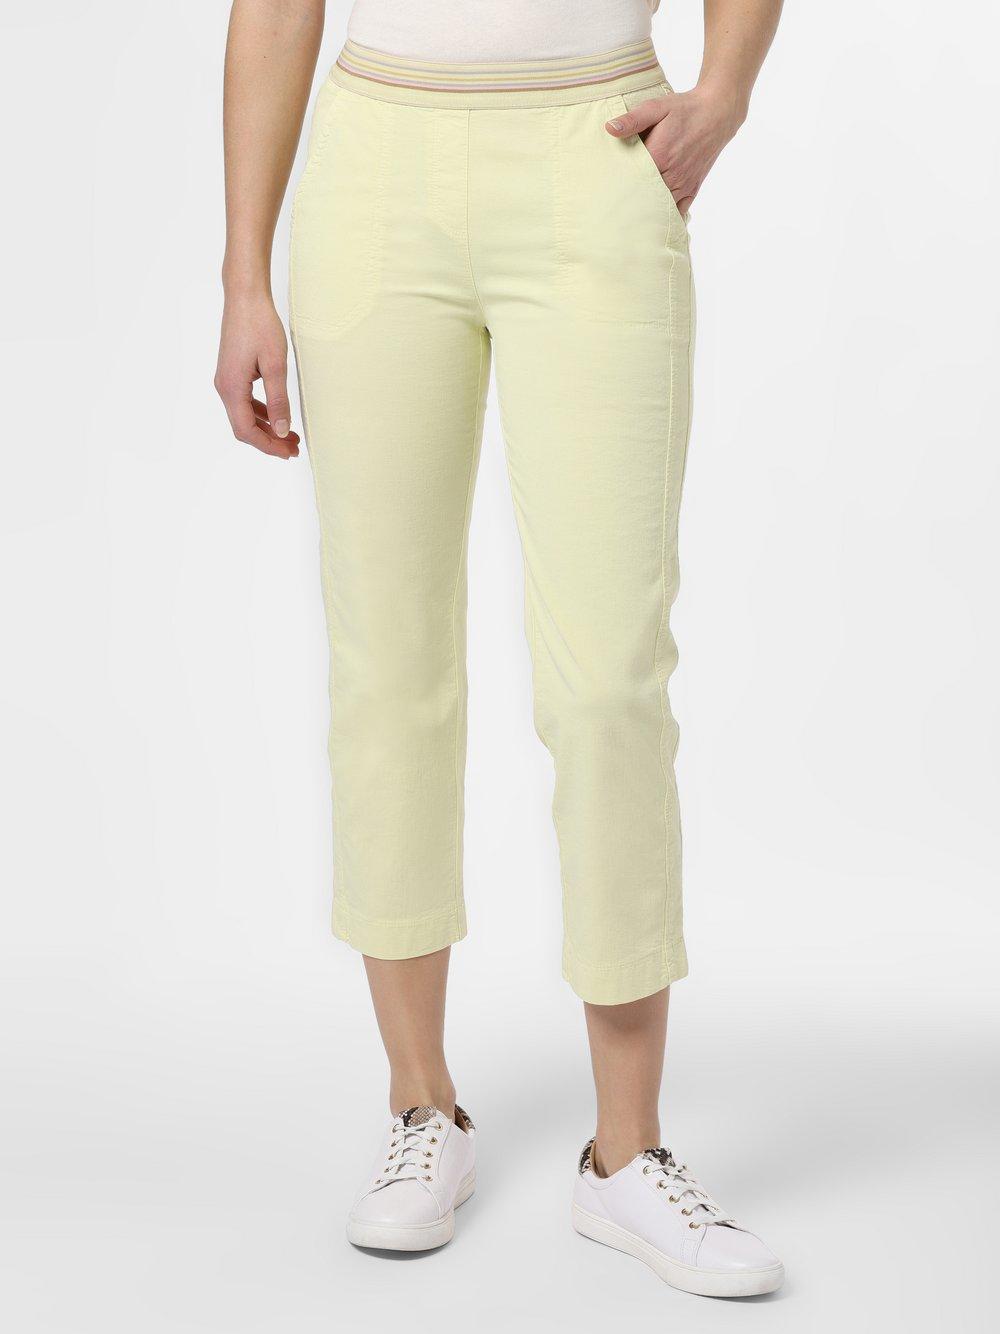 TONI – Spodnie damskie – Sue, żółty Van Graaf 464263-0001-00460